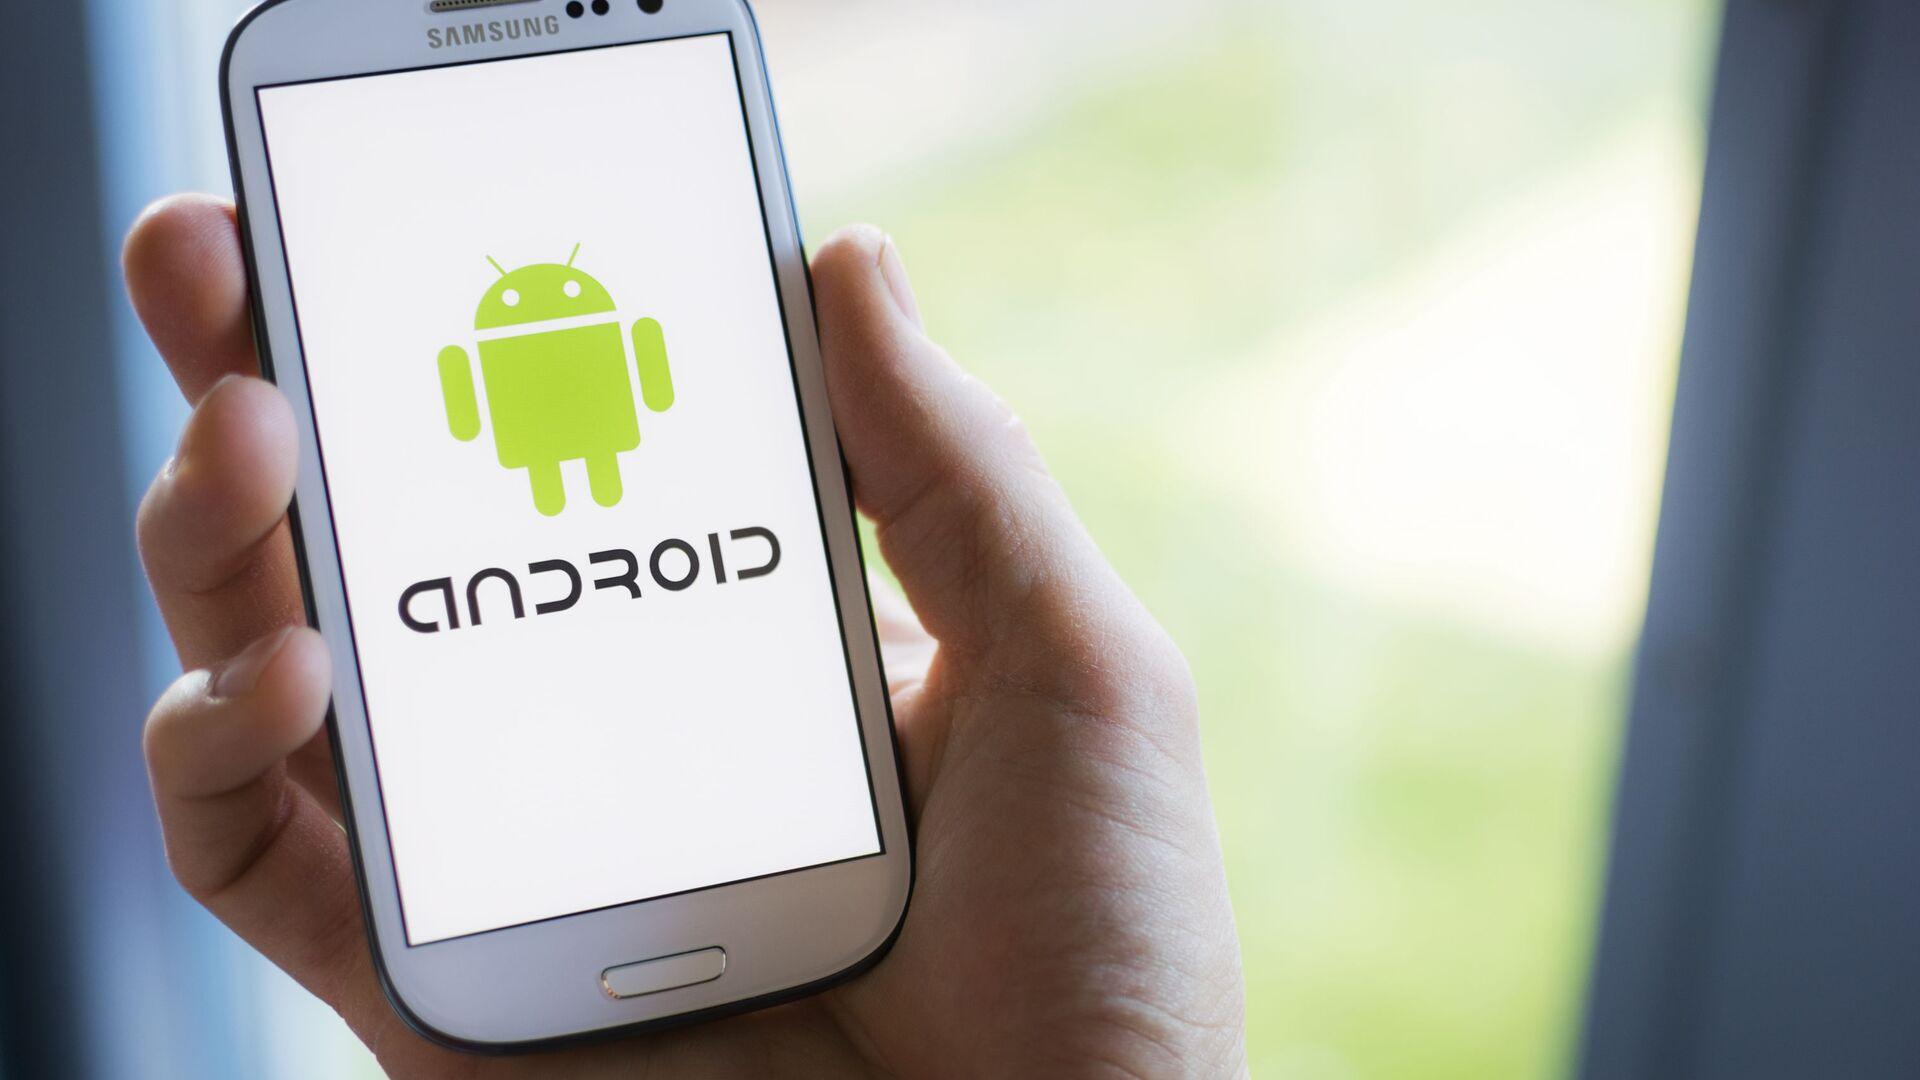 Un cellulare Samsung con il logo di Android sullo schermo - Sputnik Italia, 1920, 09.07.2021